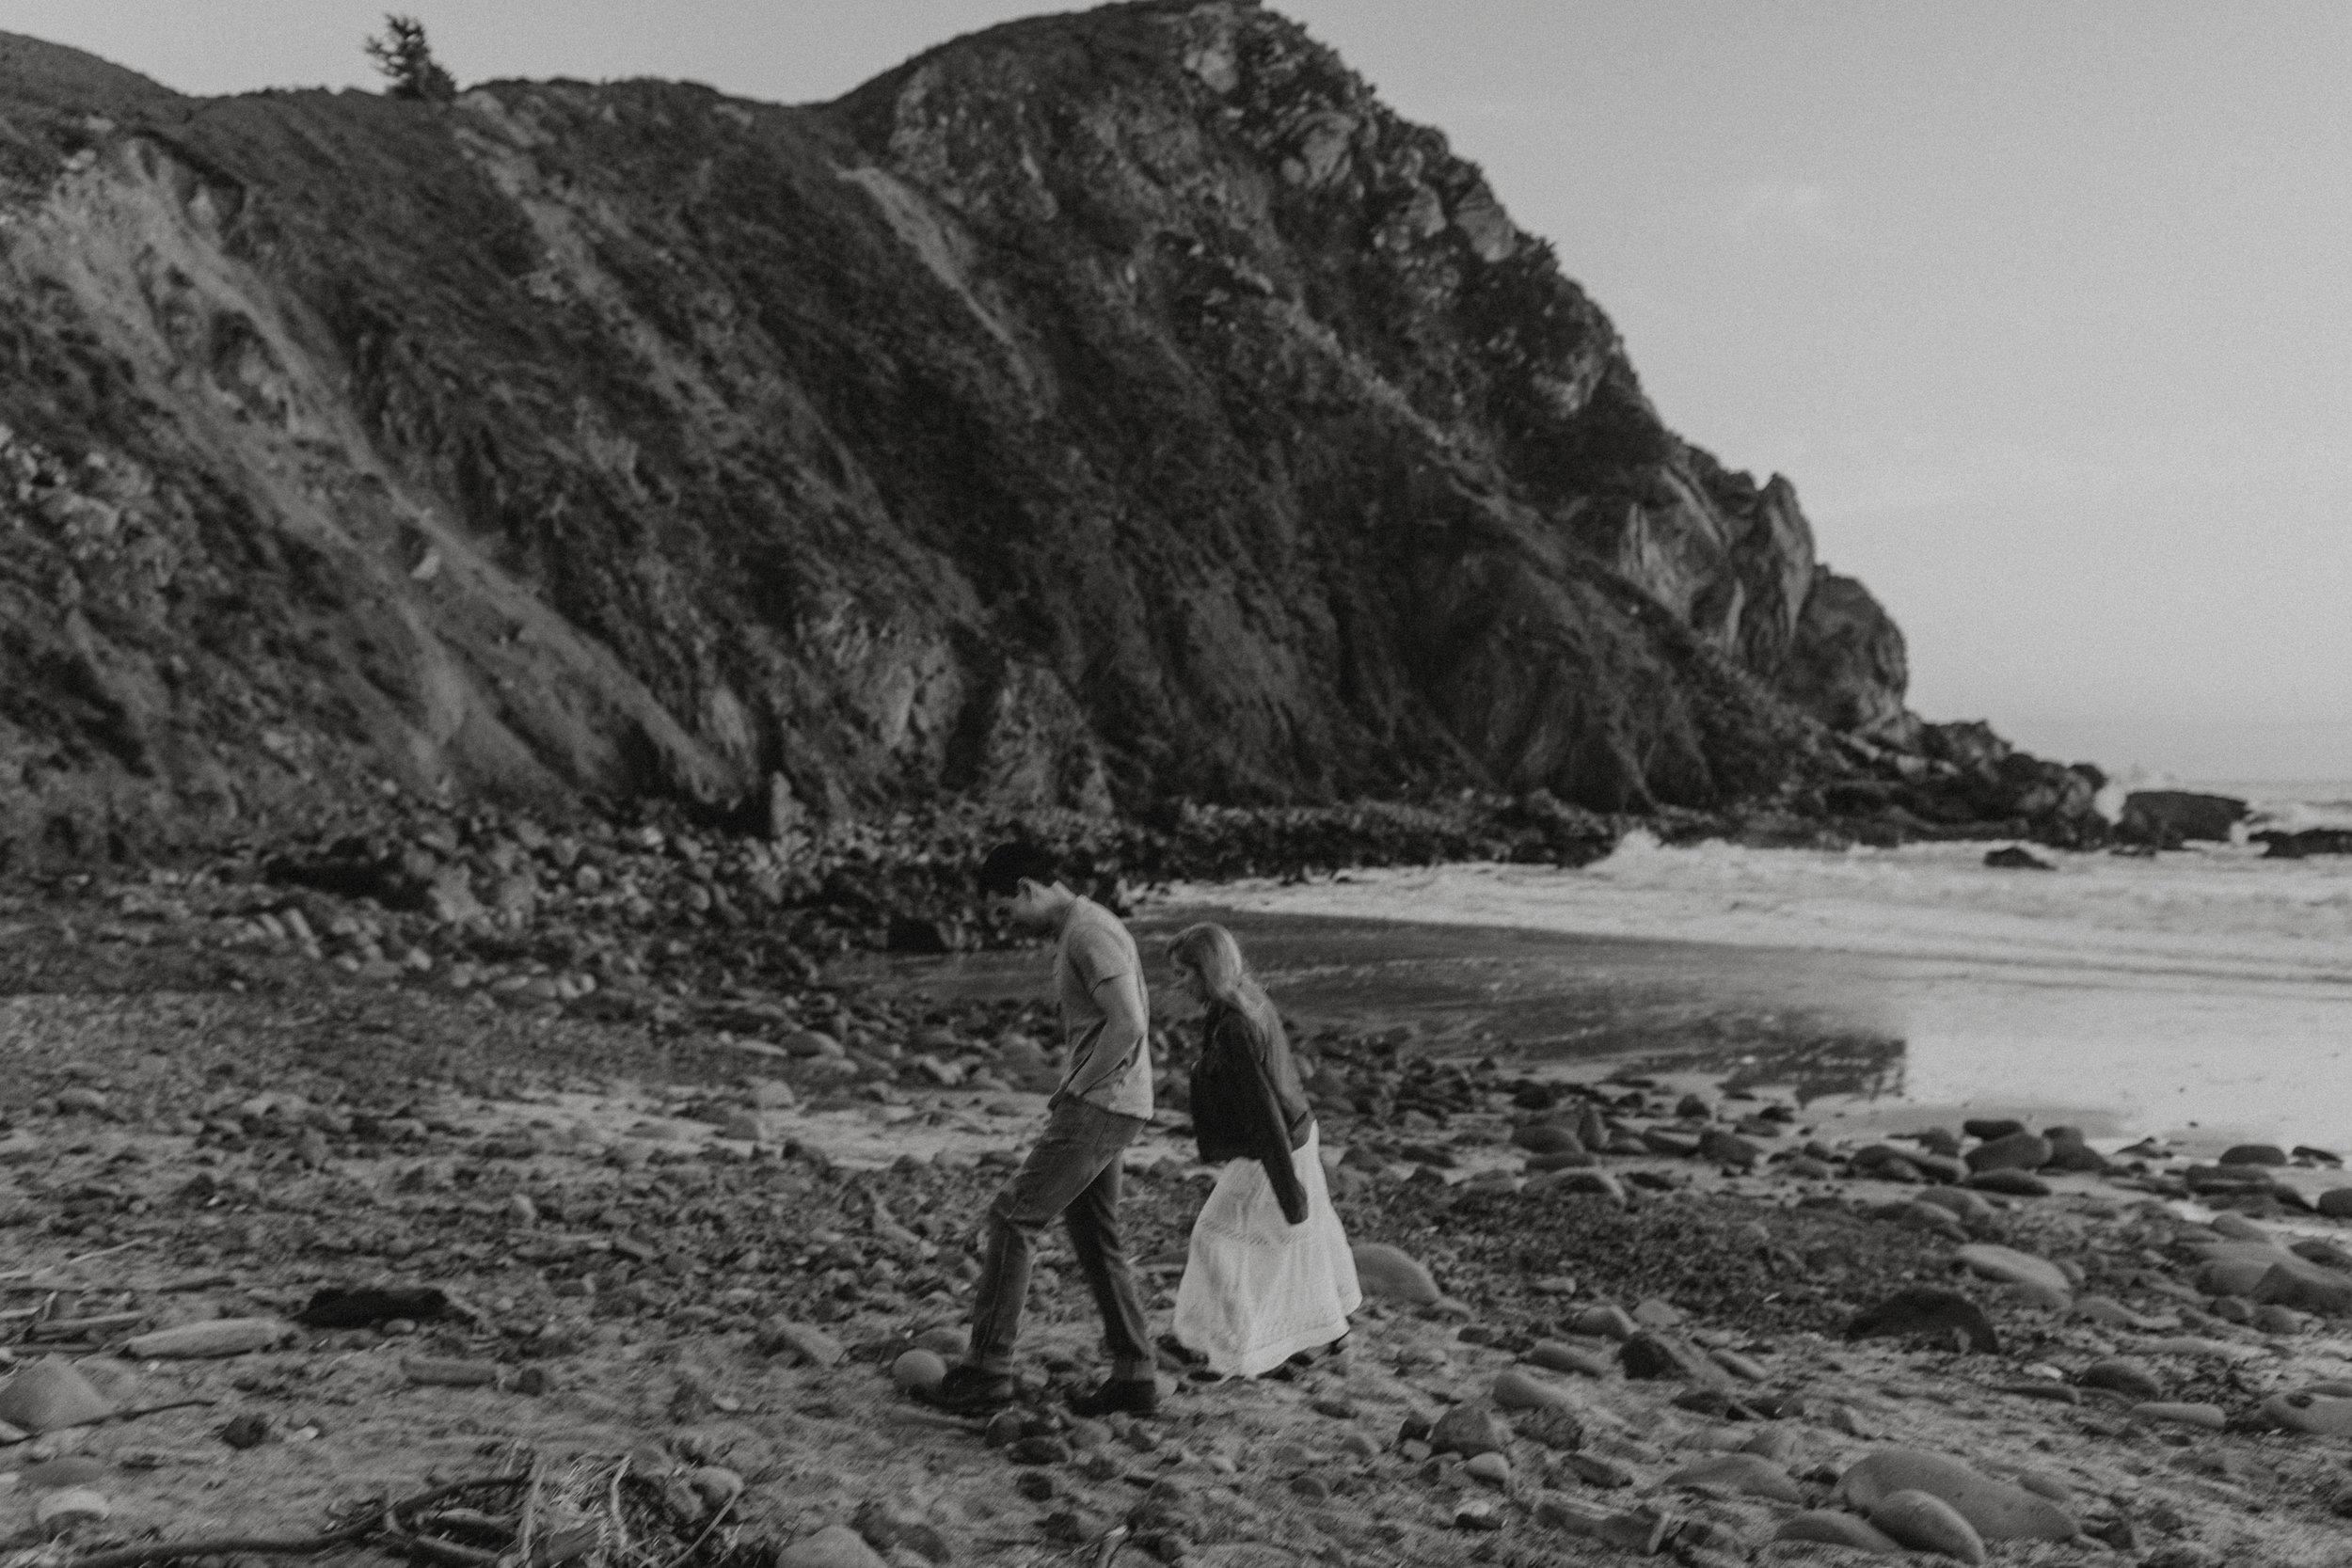 sara&patrick-bigsur-california-engagements-2019-1443-2.jpg